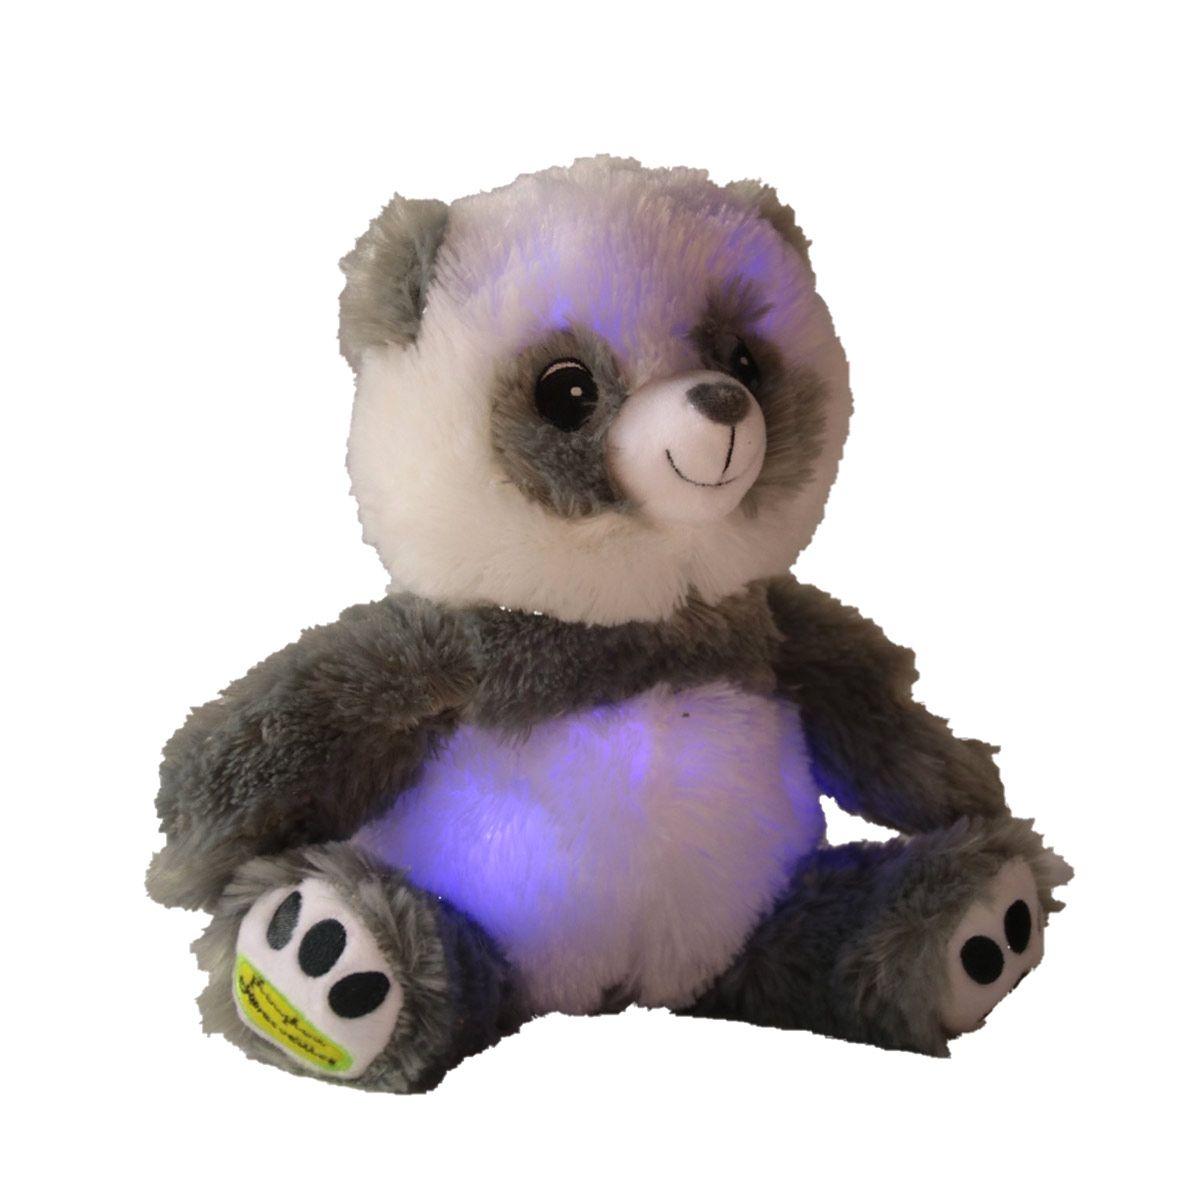 Panda Grande D'éveil Peluches Lumineux Jouets La Récré Chouka Et iPuOkXZ